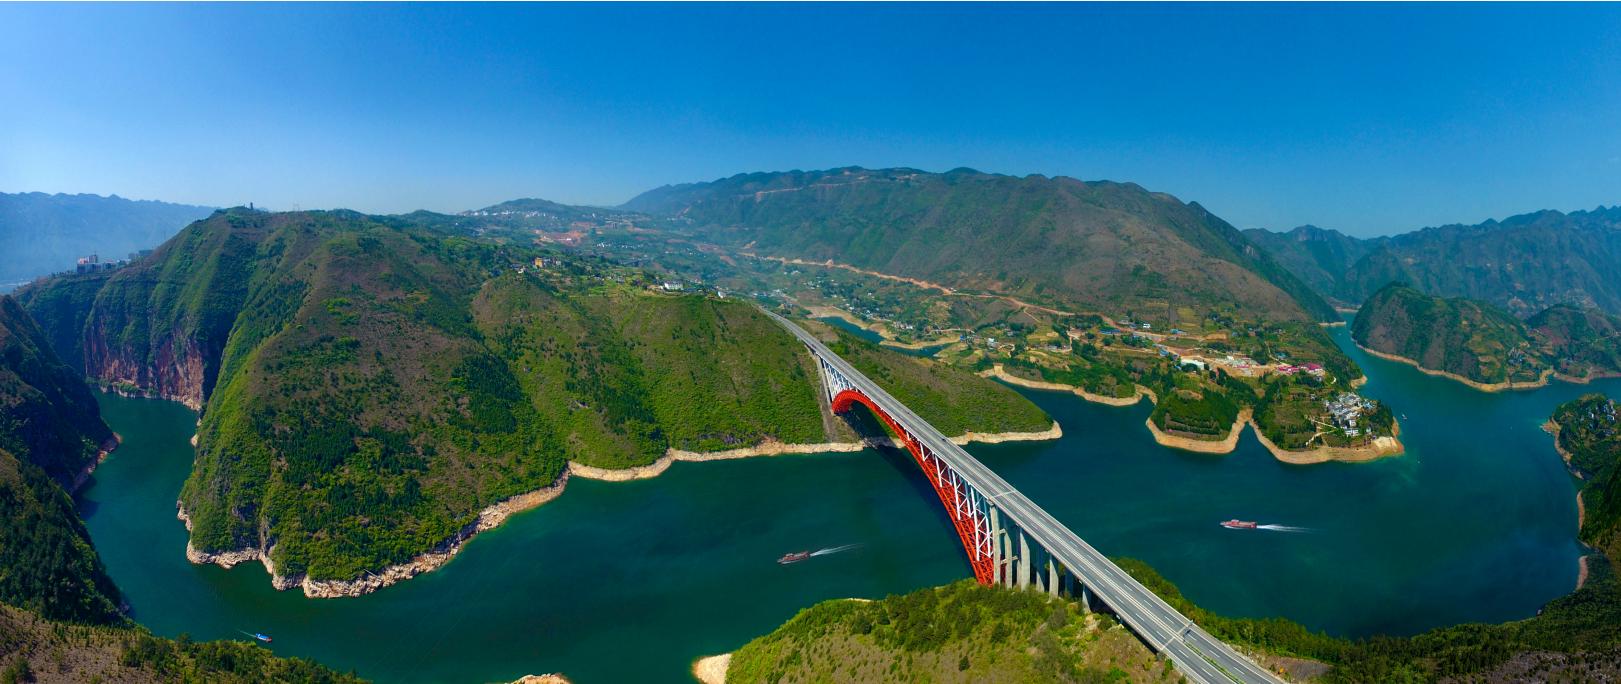 重庆跨江桥